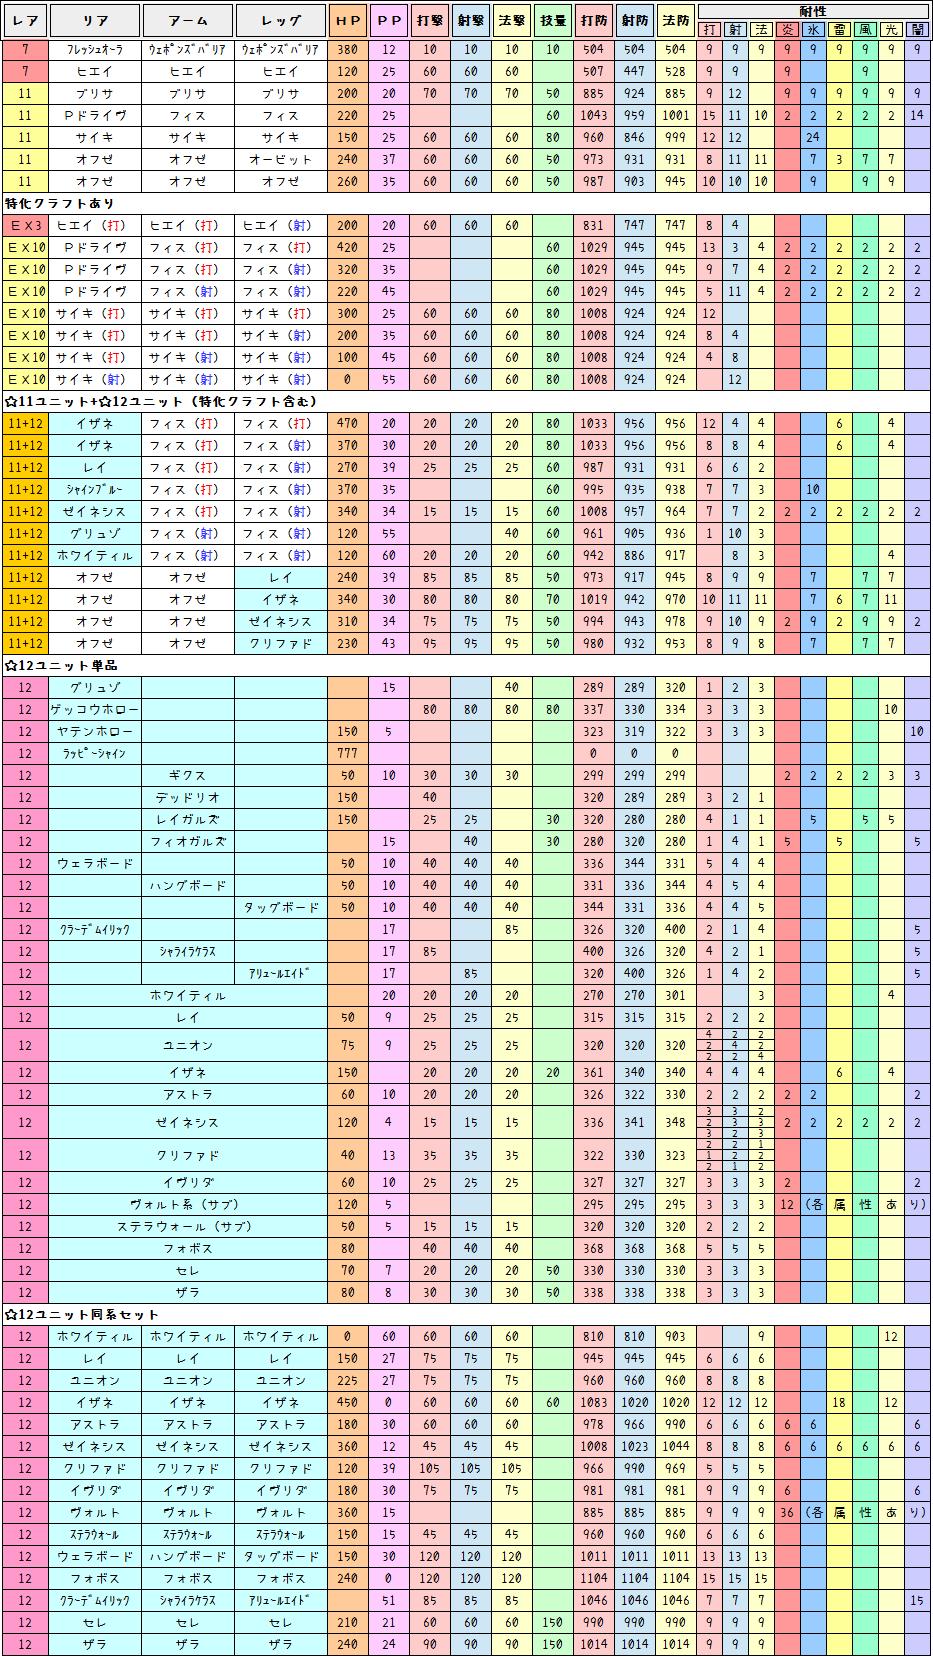 ユニット比較表2018 1109